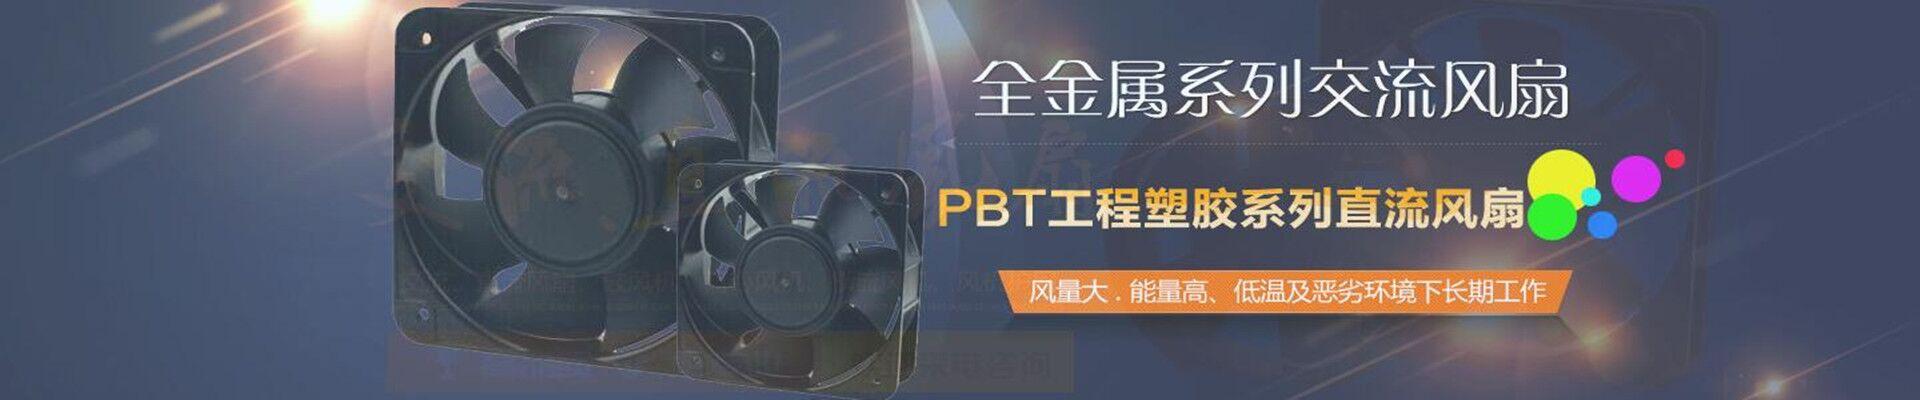 深圳市旭弘翔电子有限公司